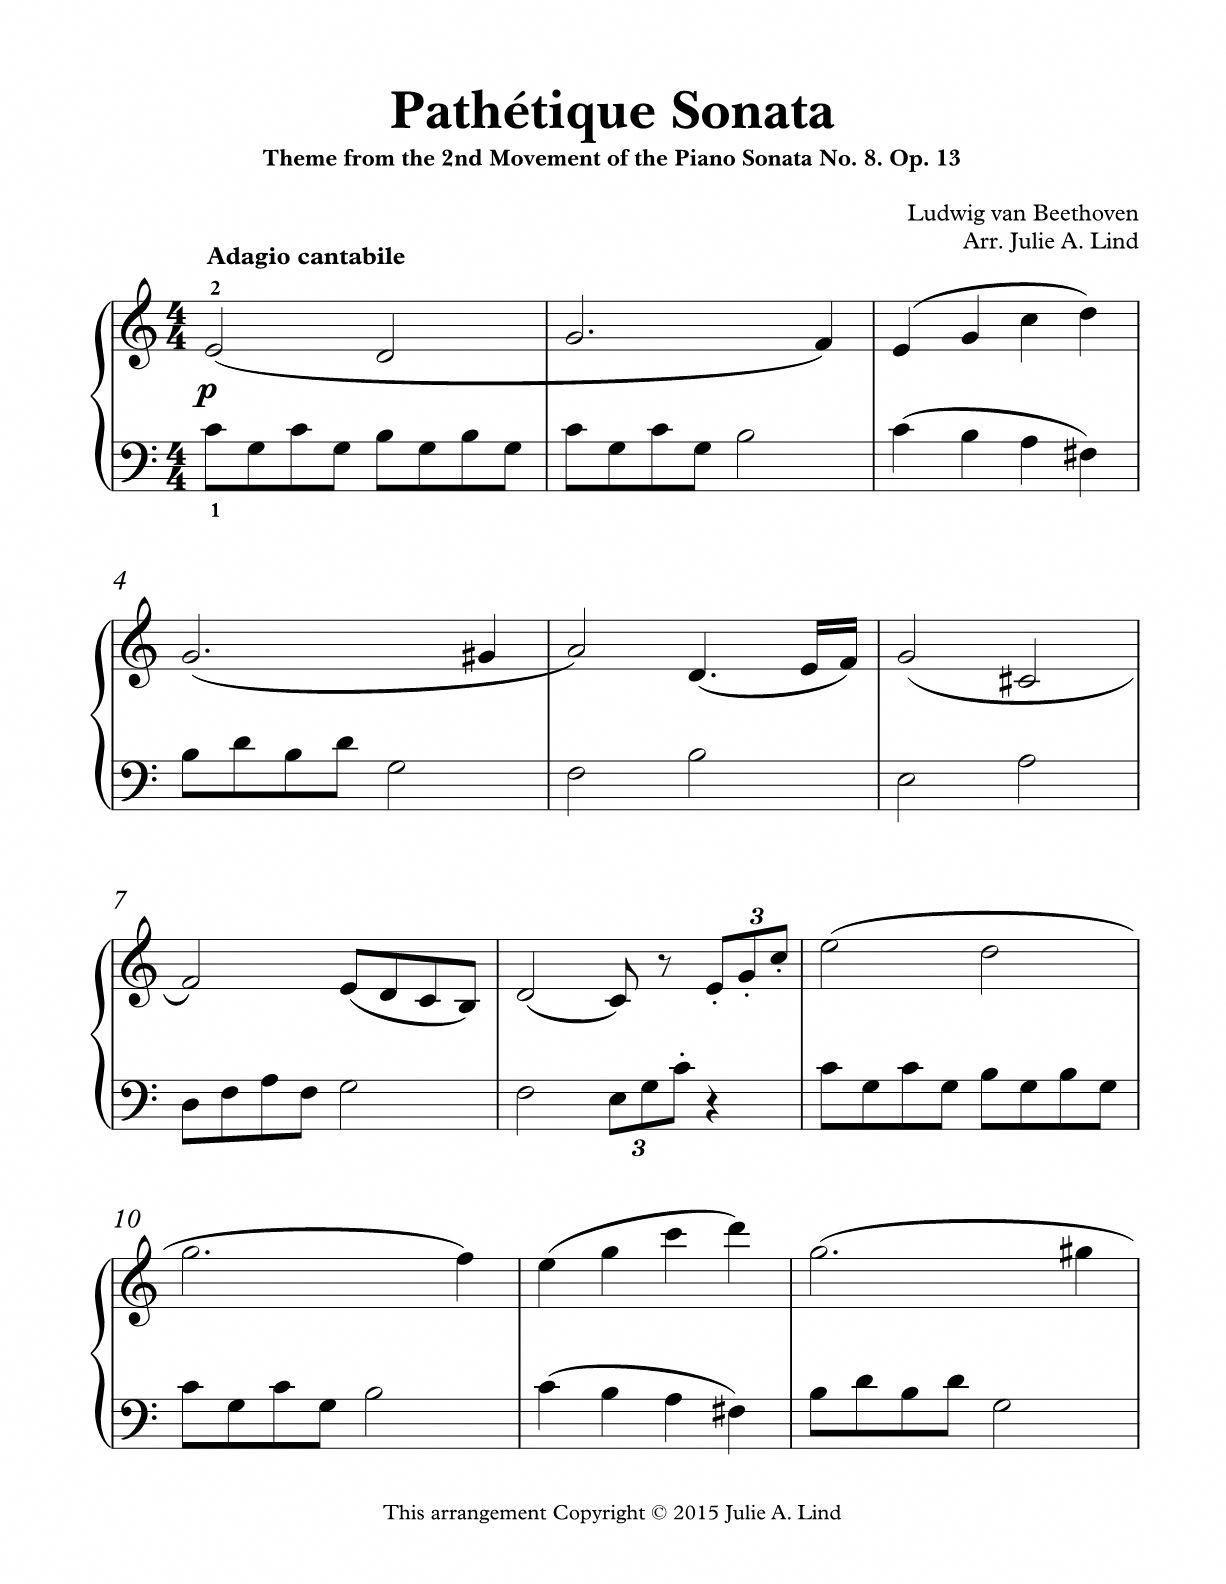 Pin On Sheet Music Music Theory